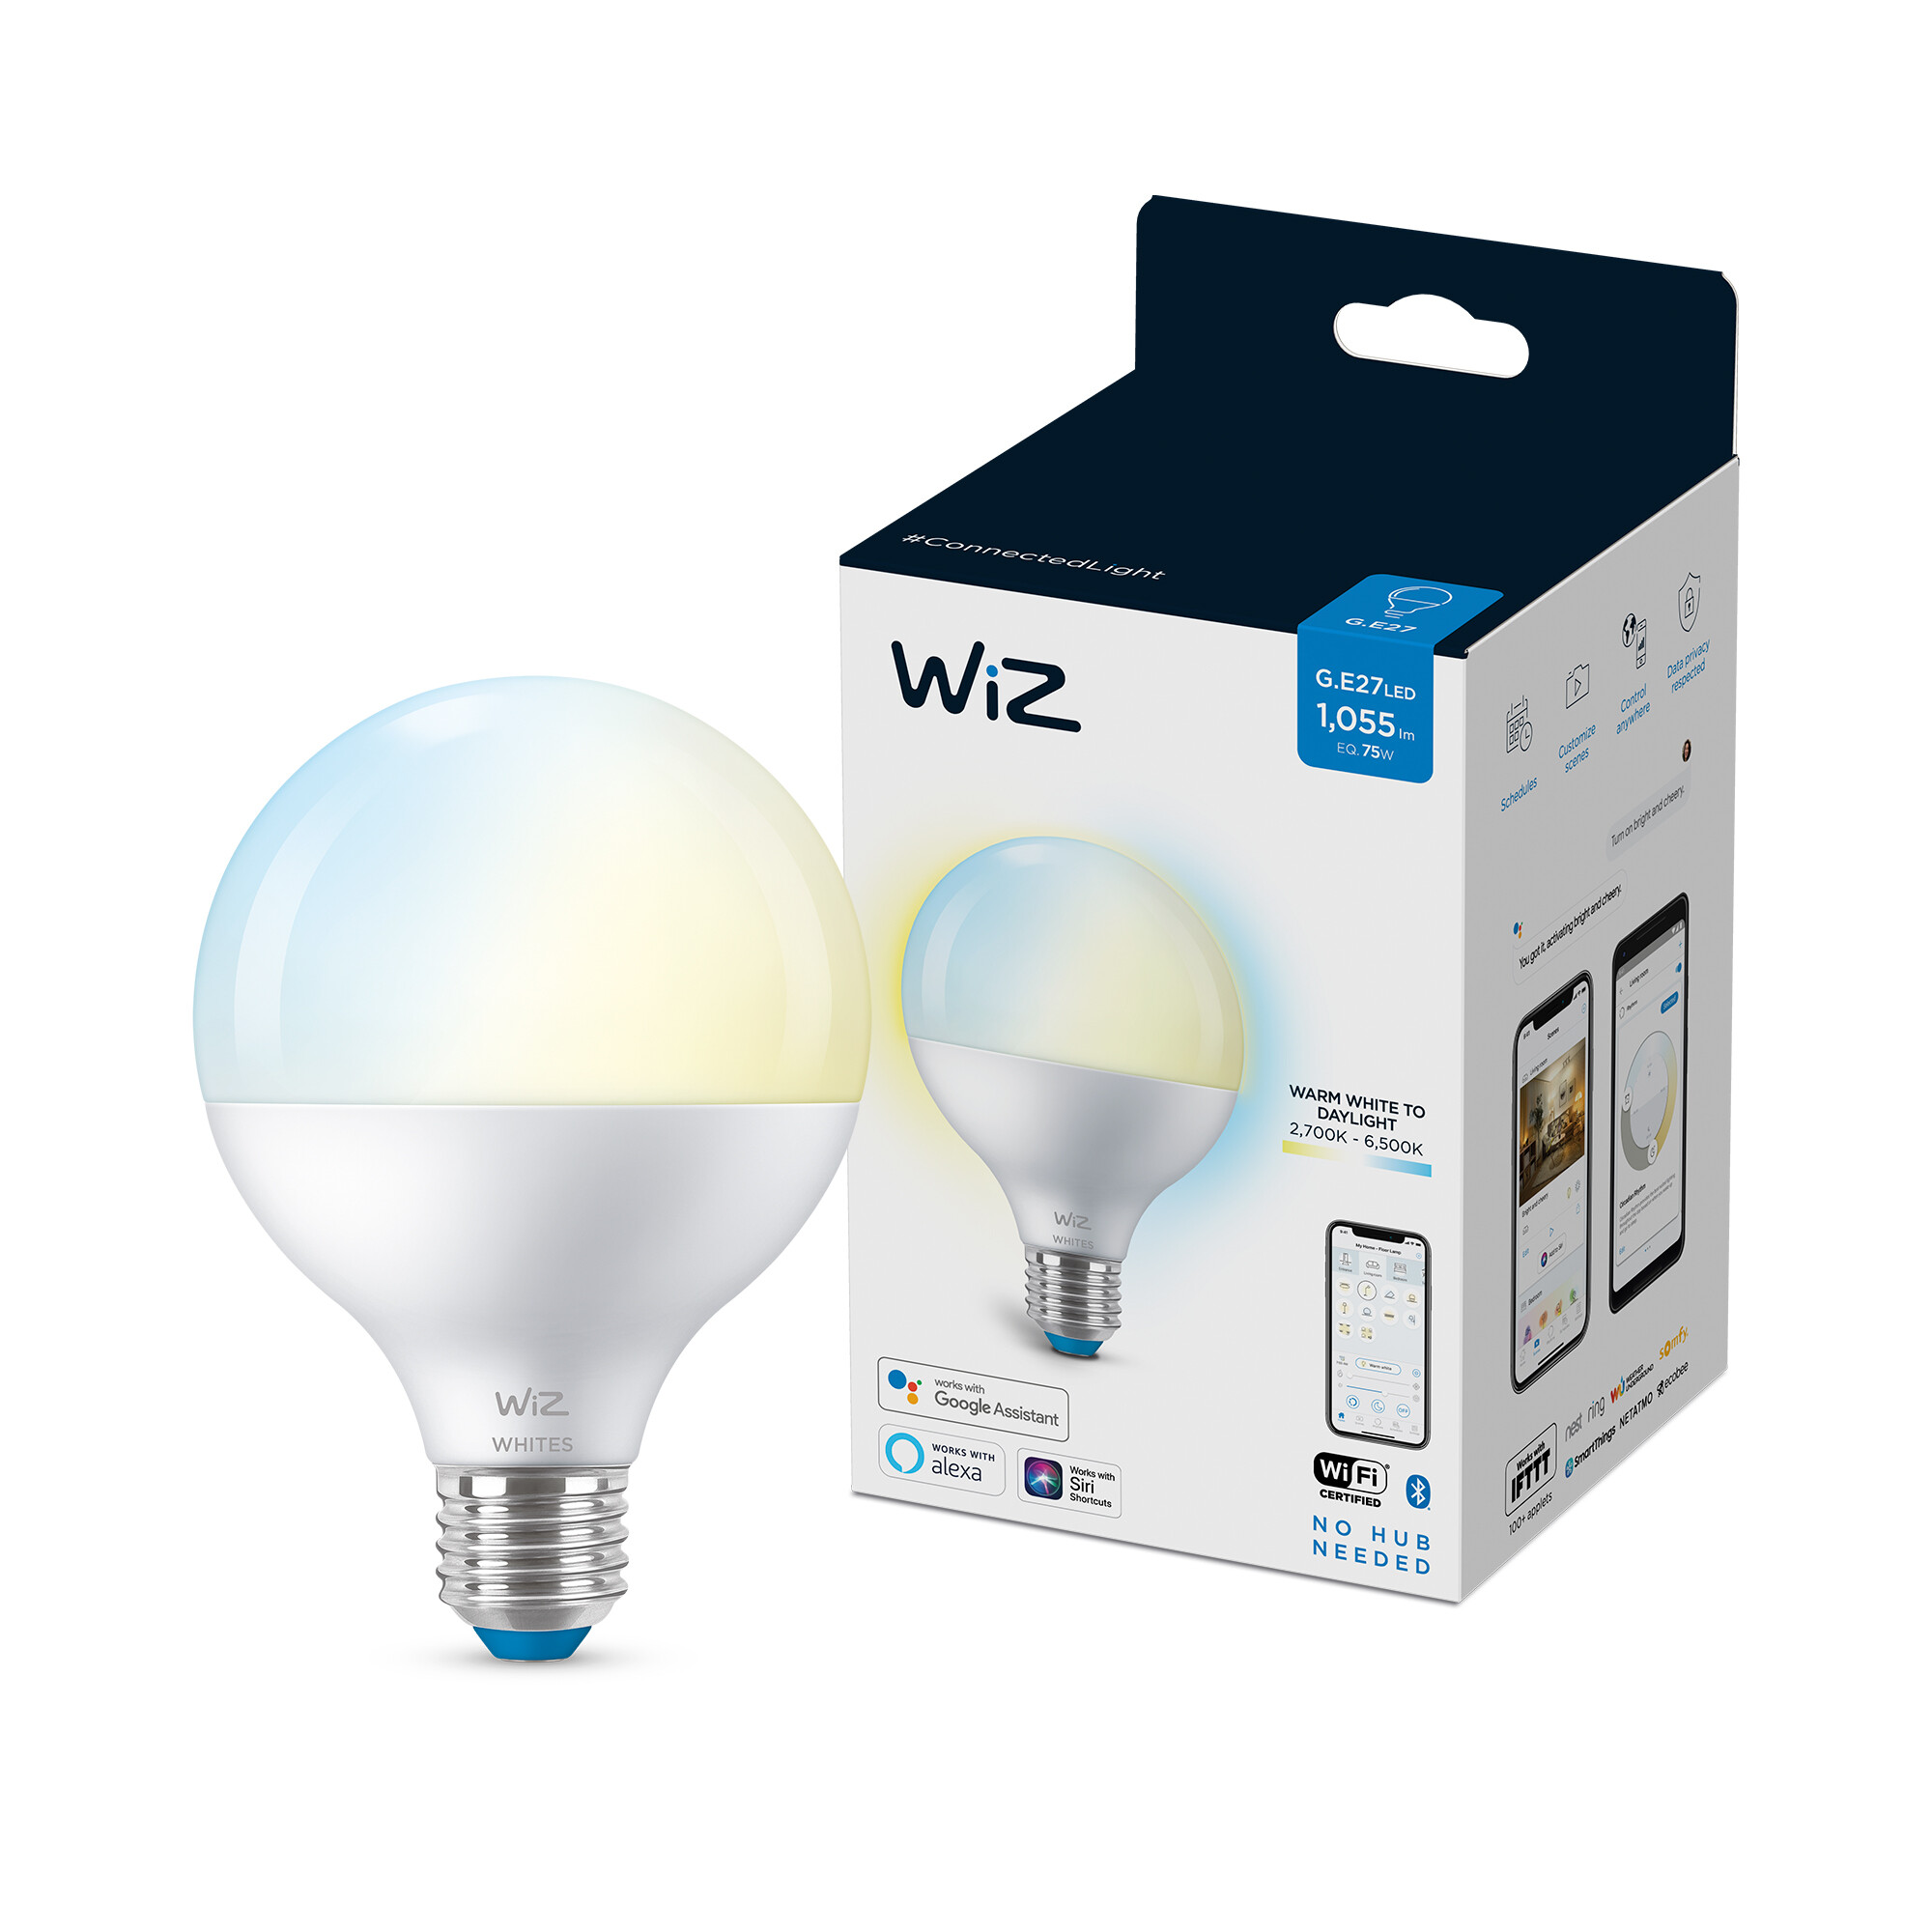 WiZ E27 75W 1055lm 2700K Globe Frosted